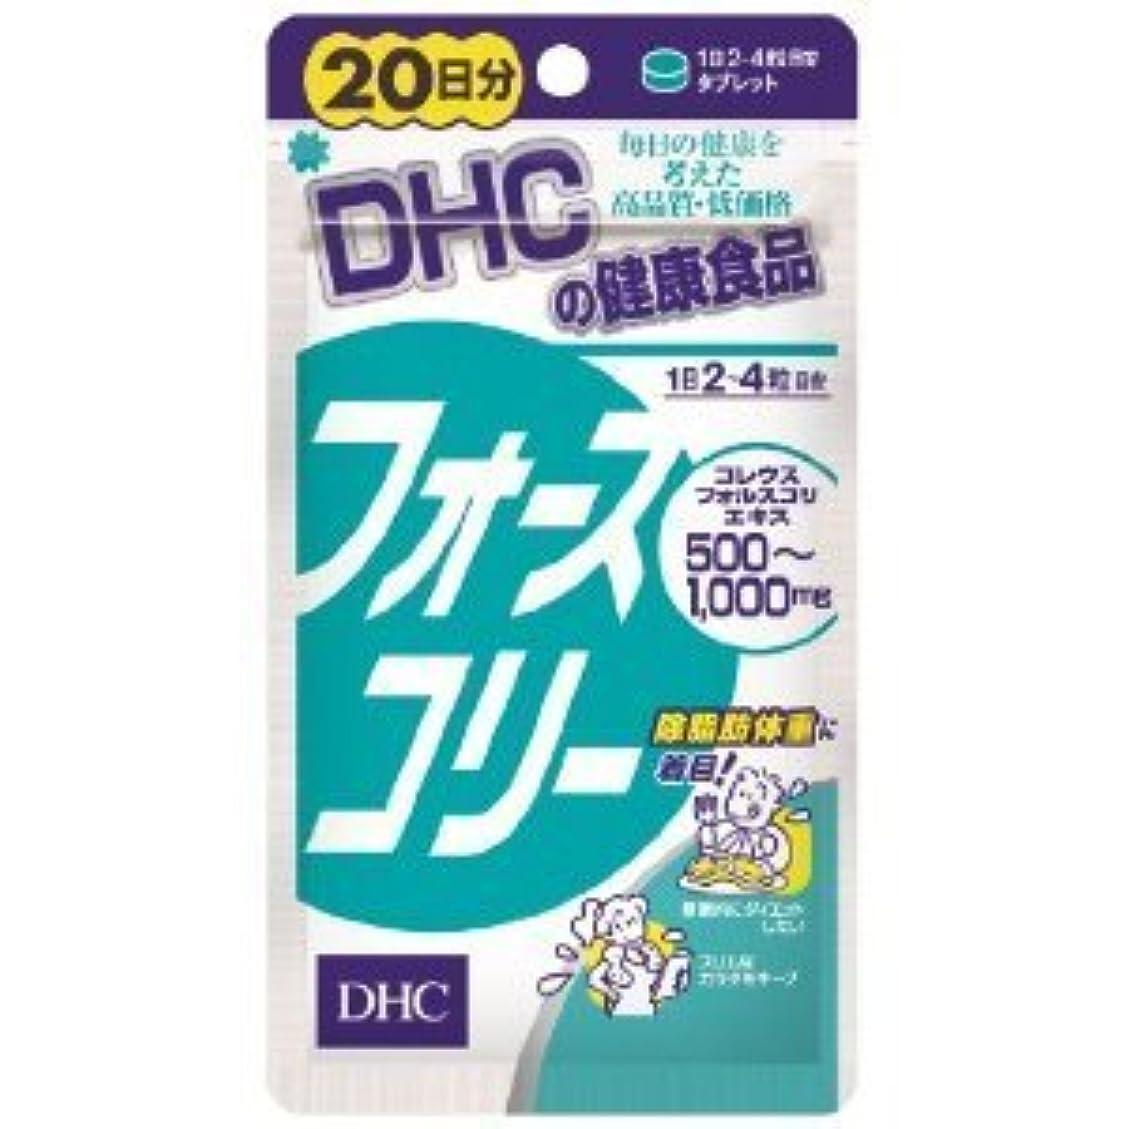 アラバマペグ単にDHC フォースコリー 80粒 20日分 賞味期限 201604